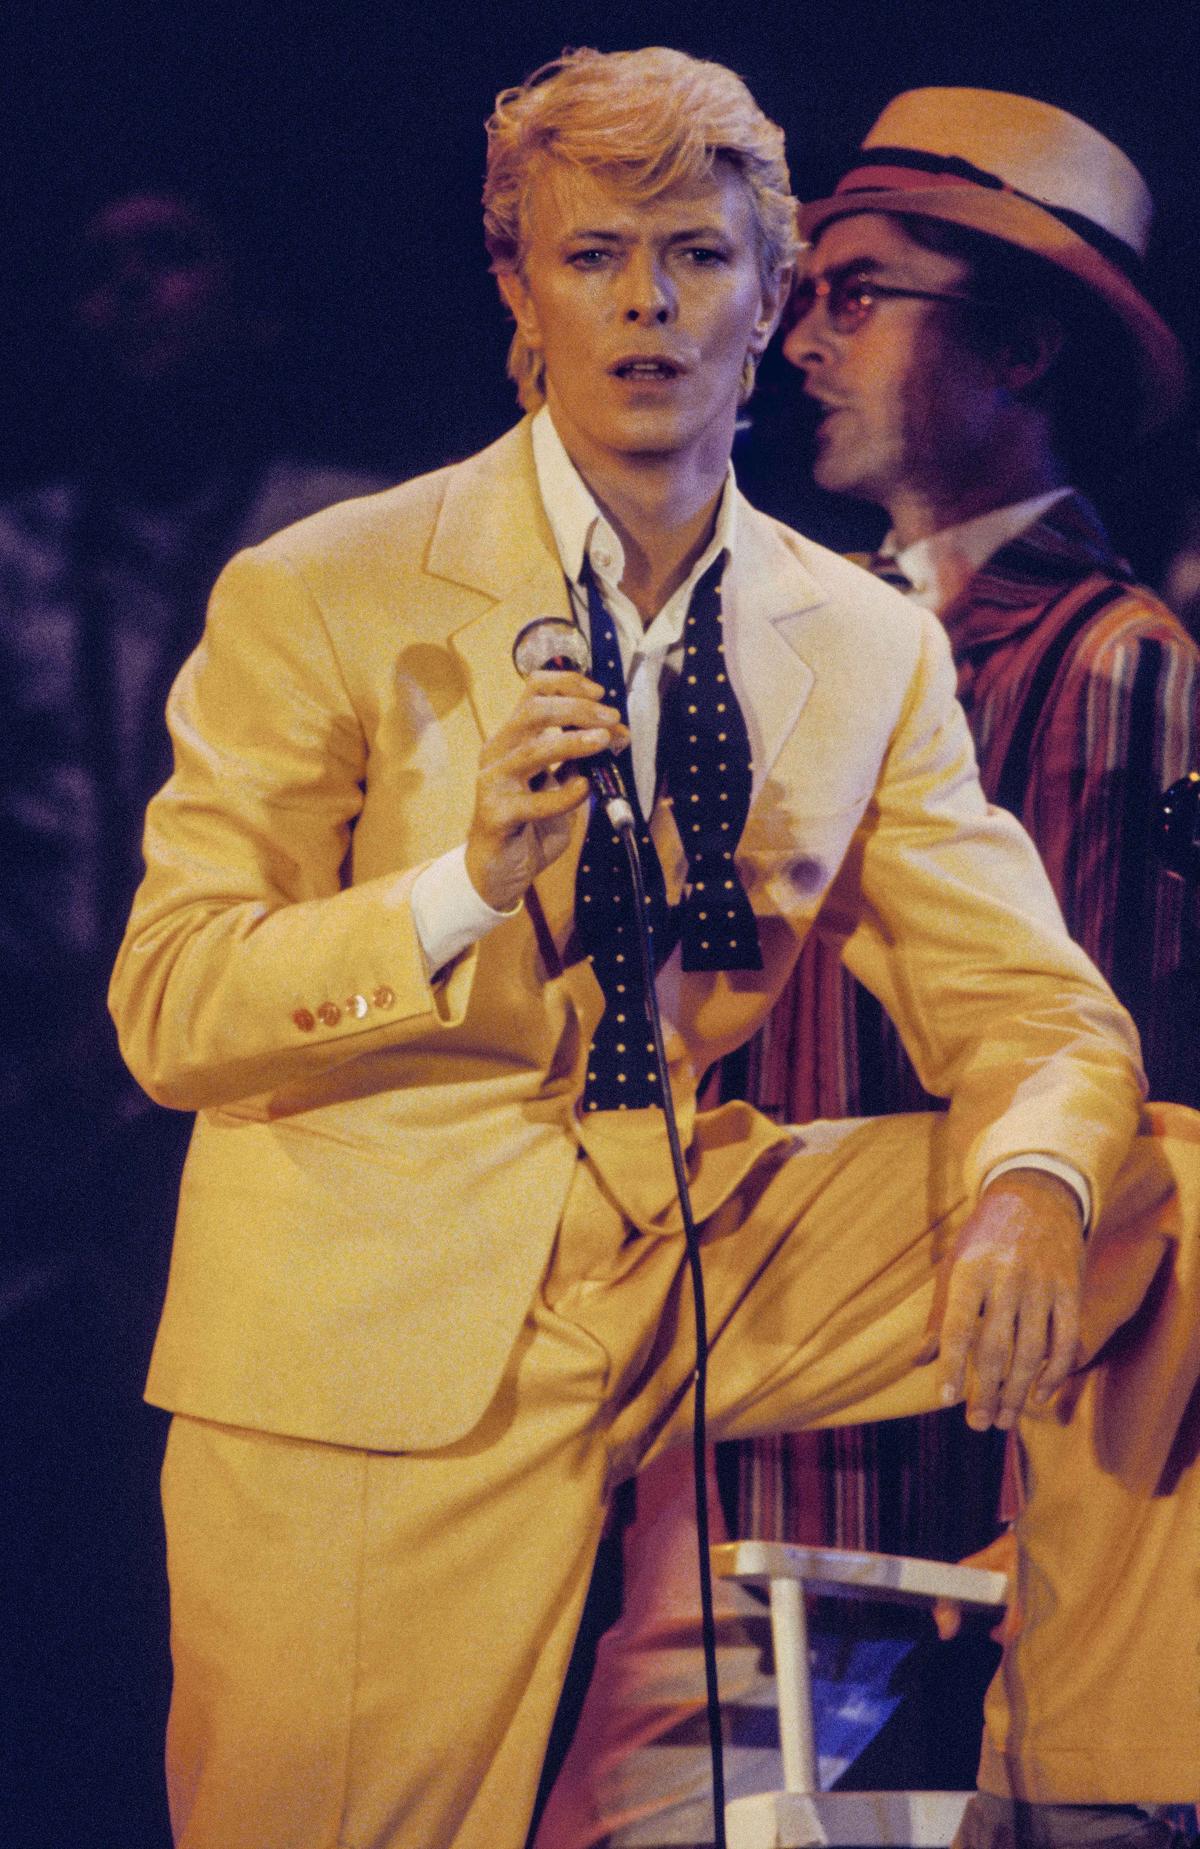 80年代英國歌手大衛鮑伊於2016年1月肝癌病逝。